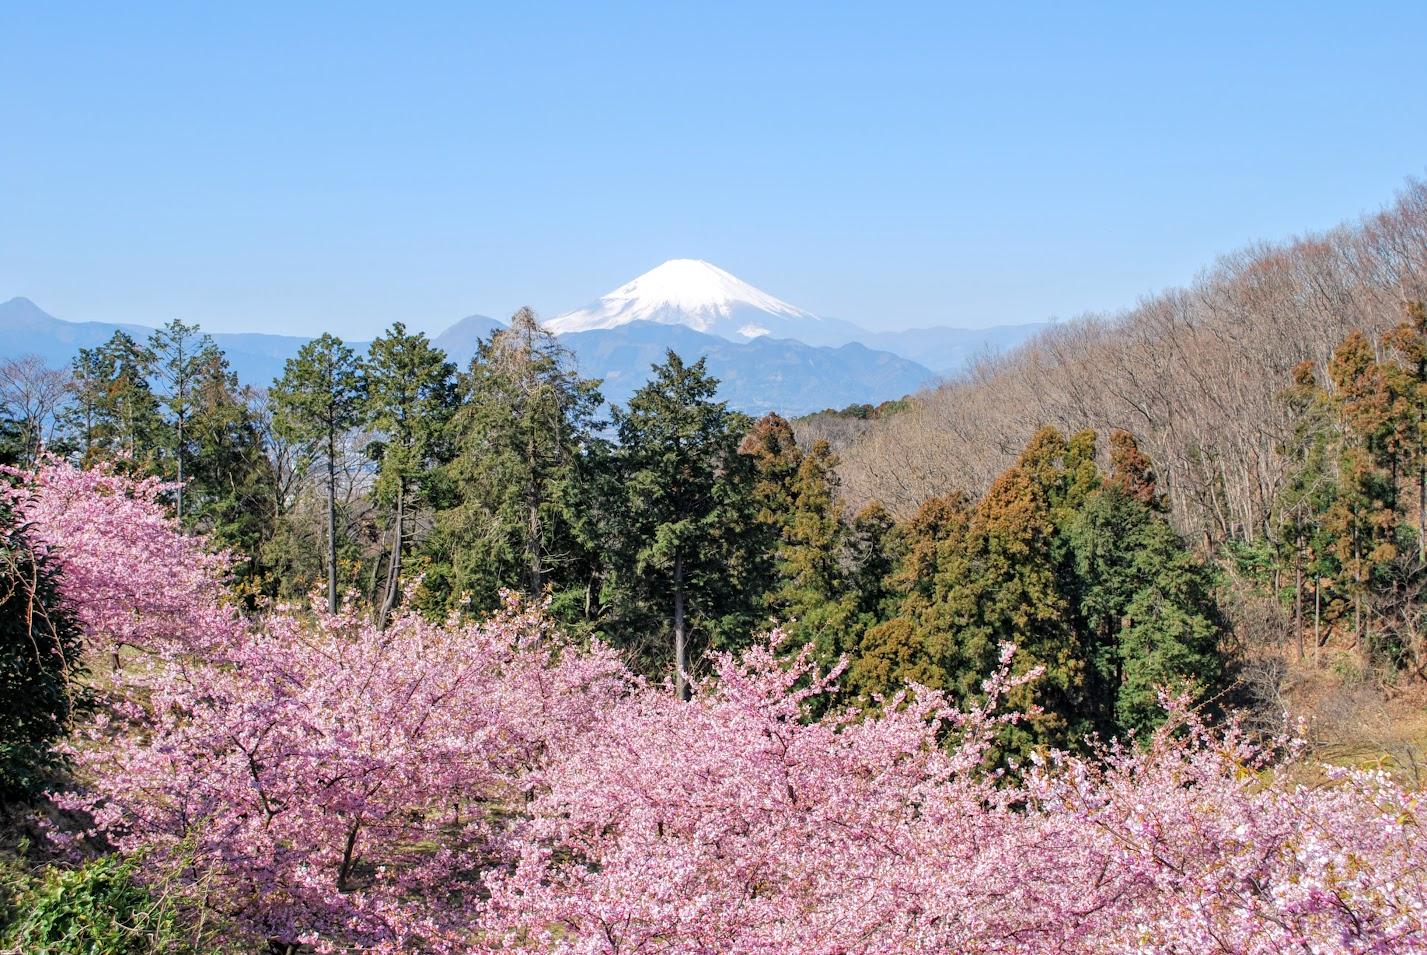 早咲きの桜とひょうたん雛を愉しめるのは今週末まで!おおいゆめの里へ行ってきました!!